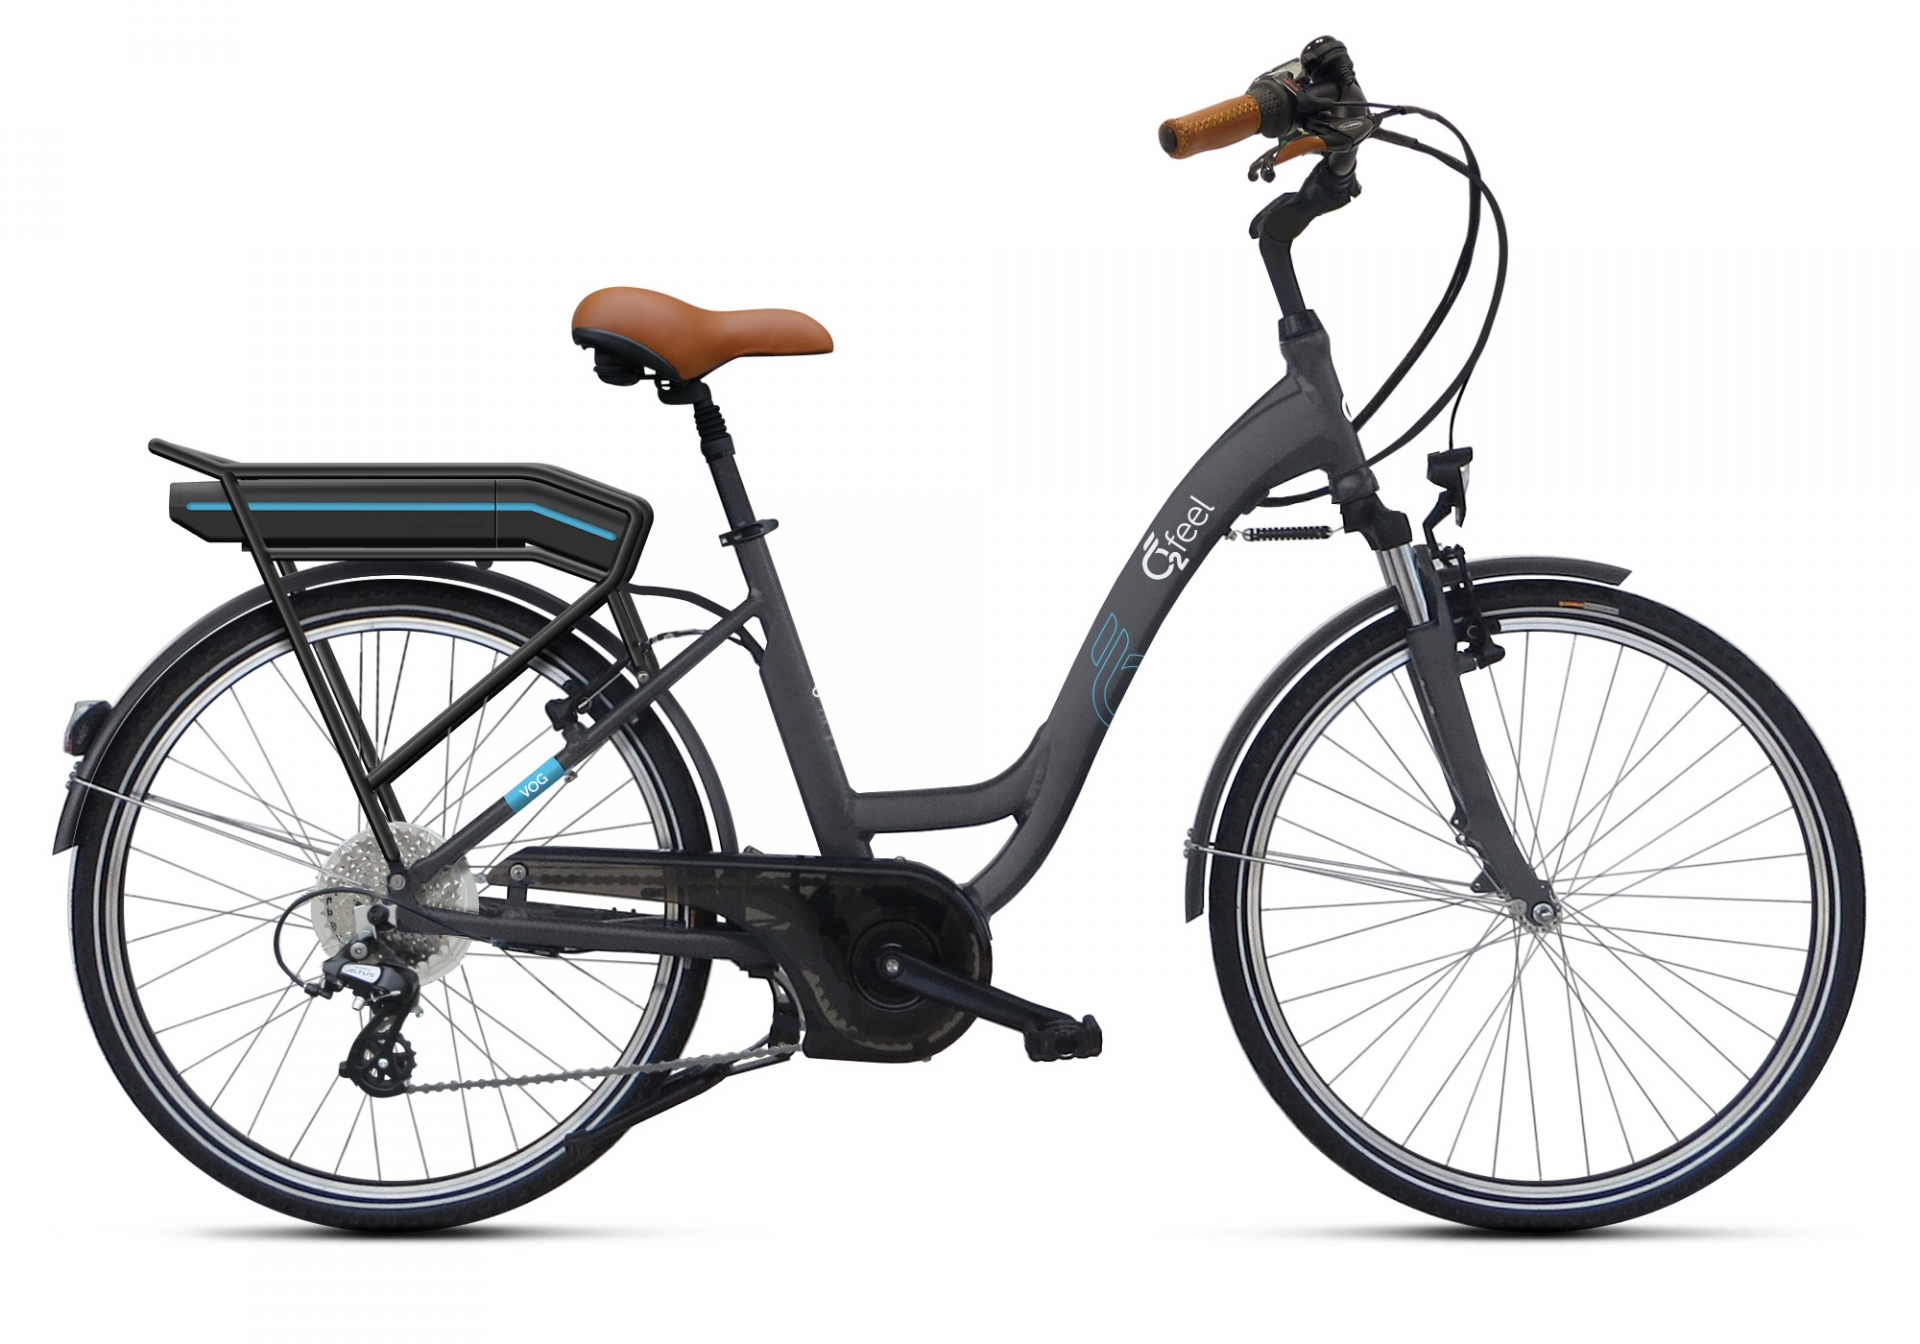 Vélo électrique O2Feel Vog D8C 26 374 Wh Gris